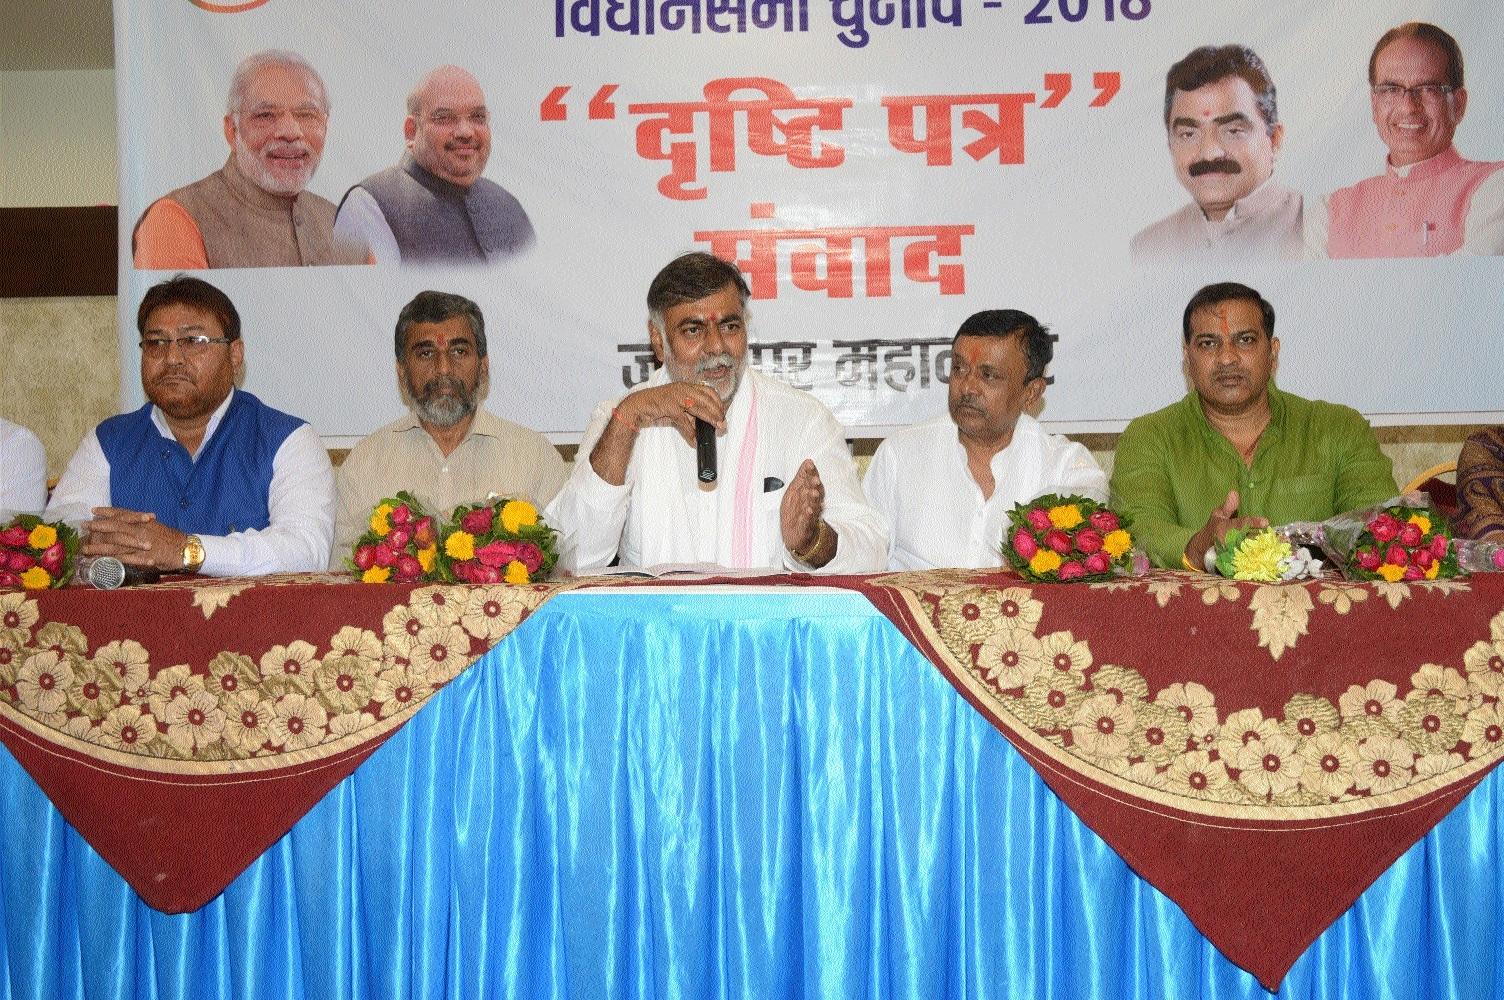 BJP holds Drashtipatra Samvad Karyakram